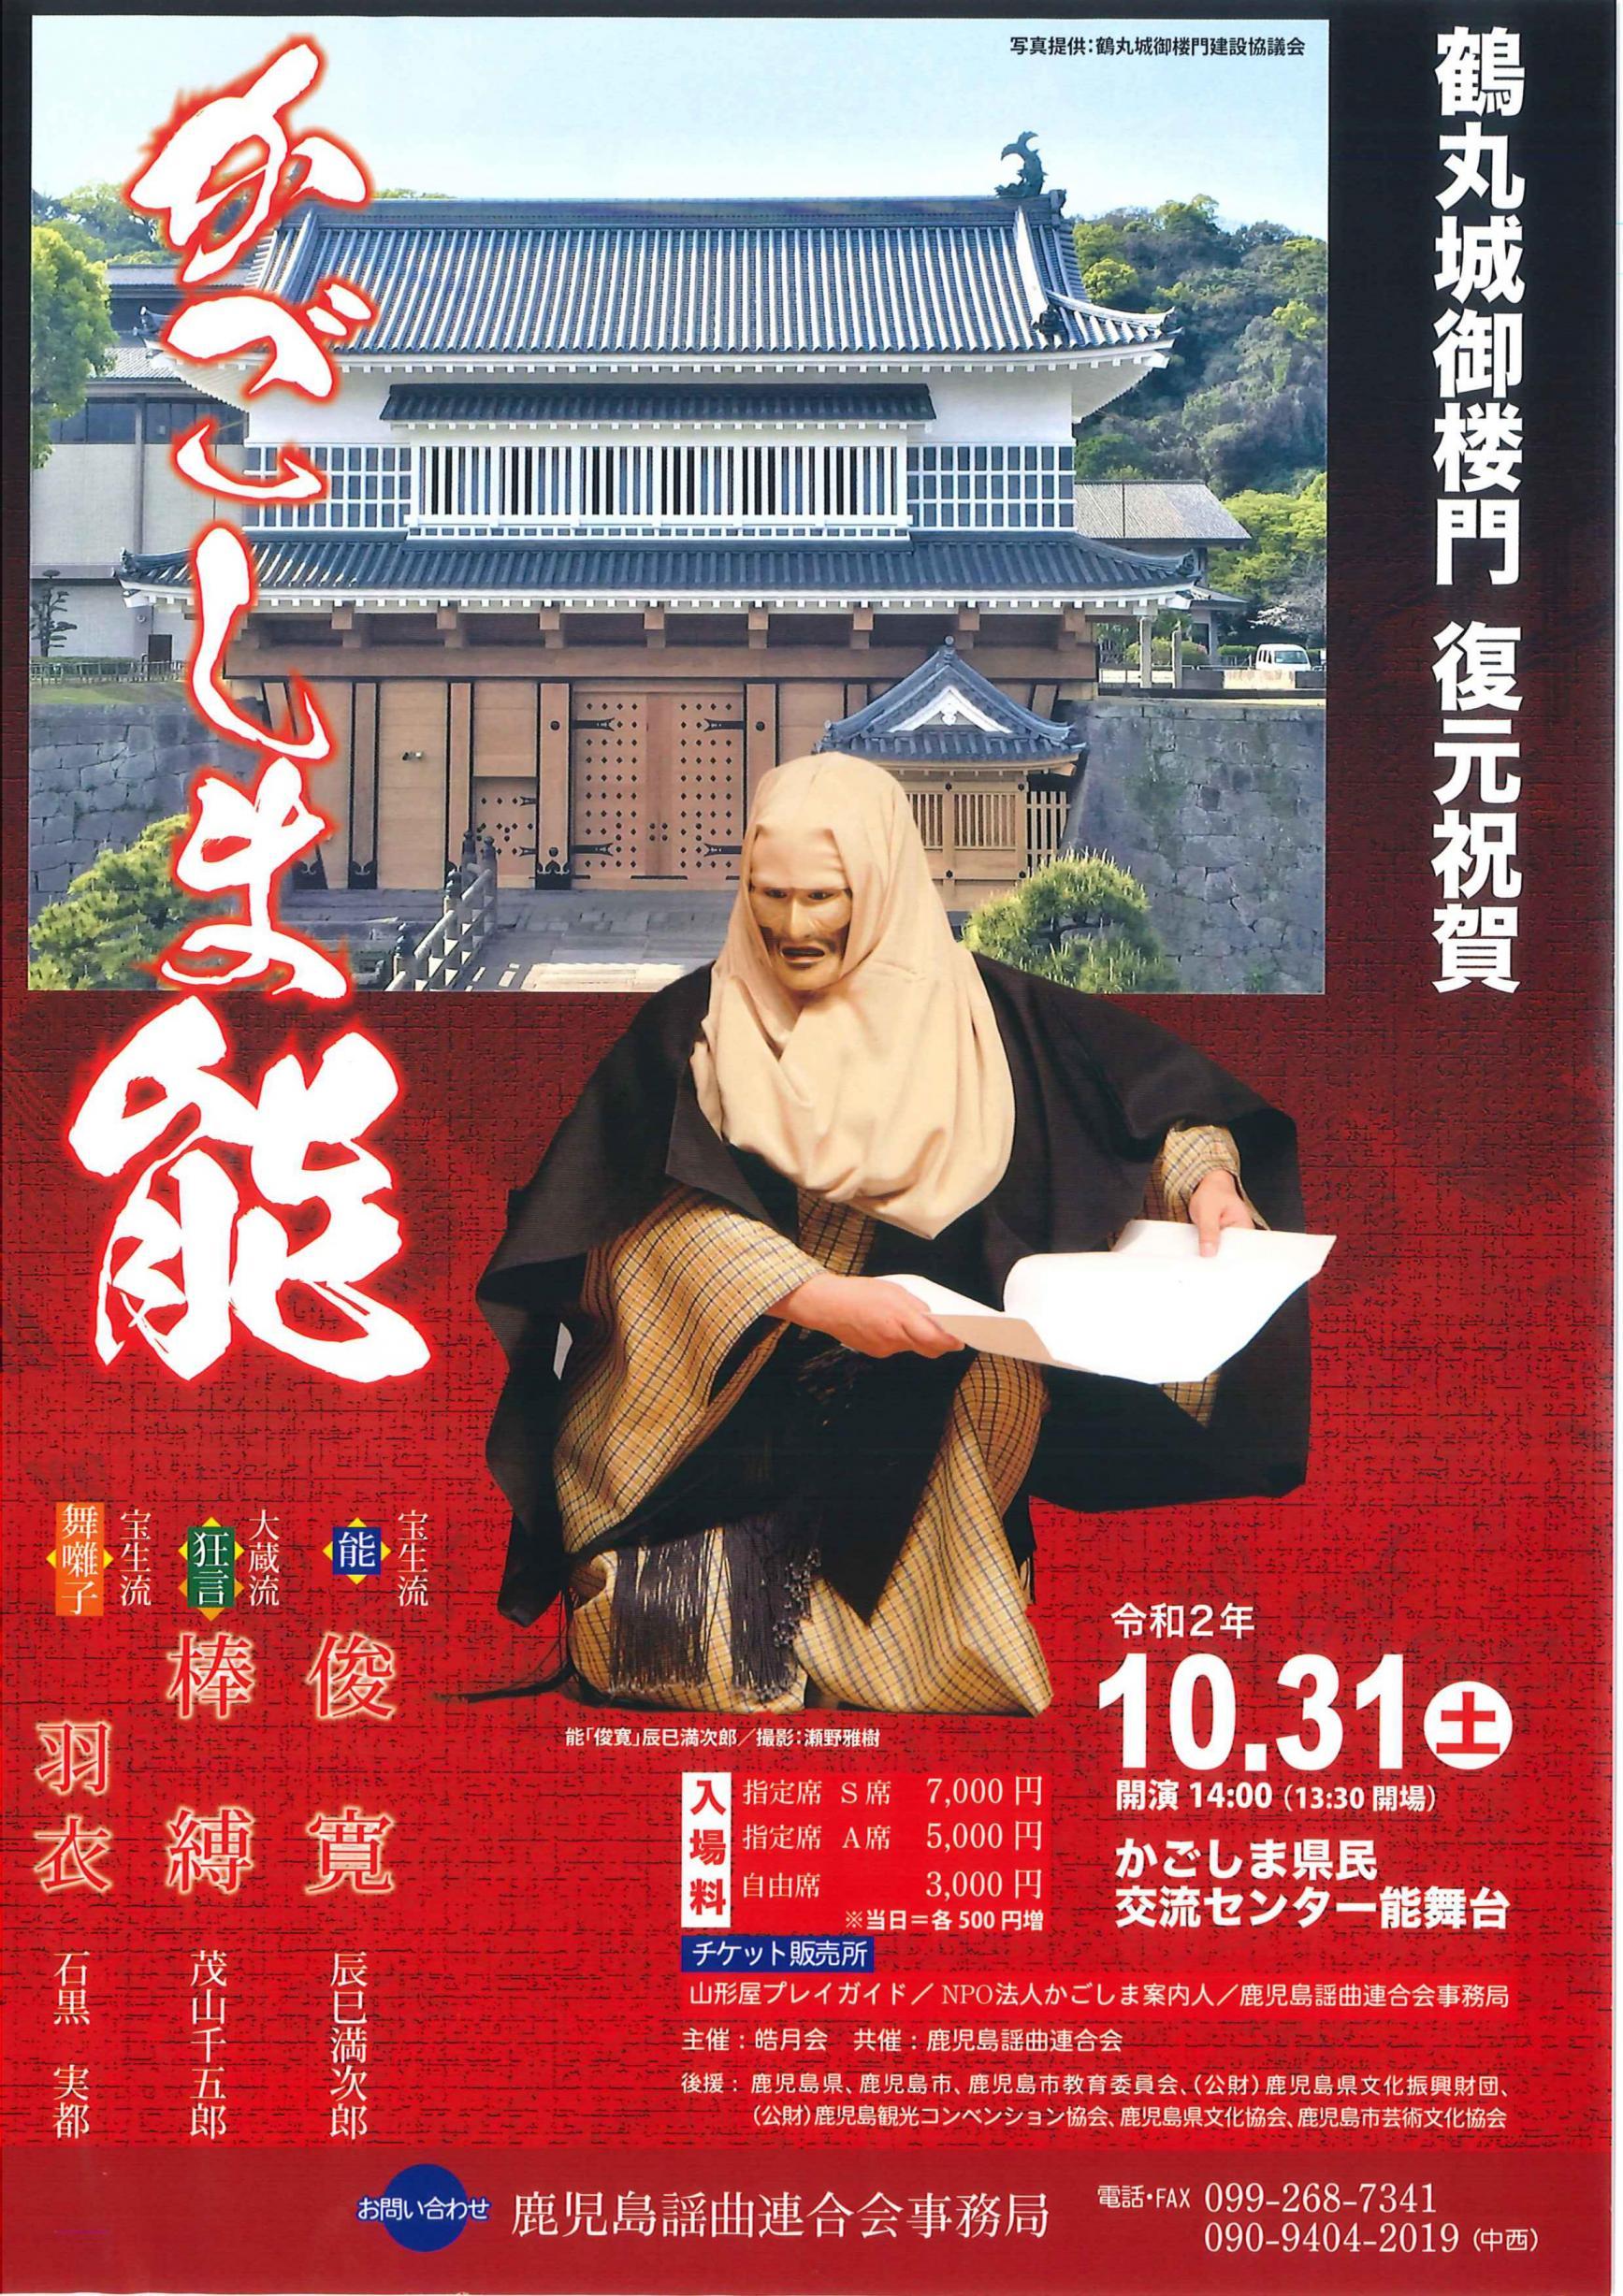 鶴丸城御楼門 復元祝賀 かごしま能-1